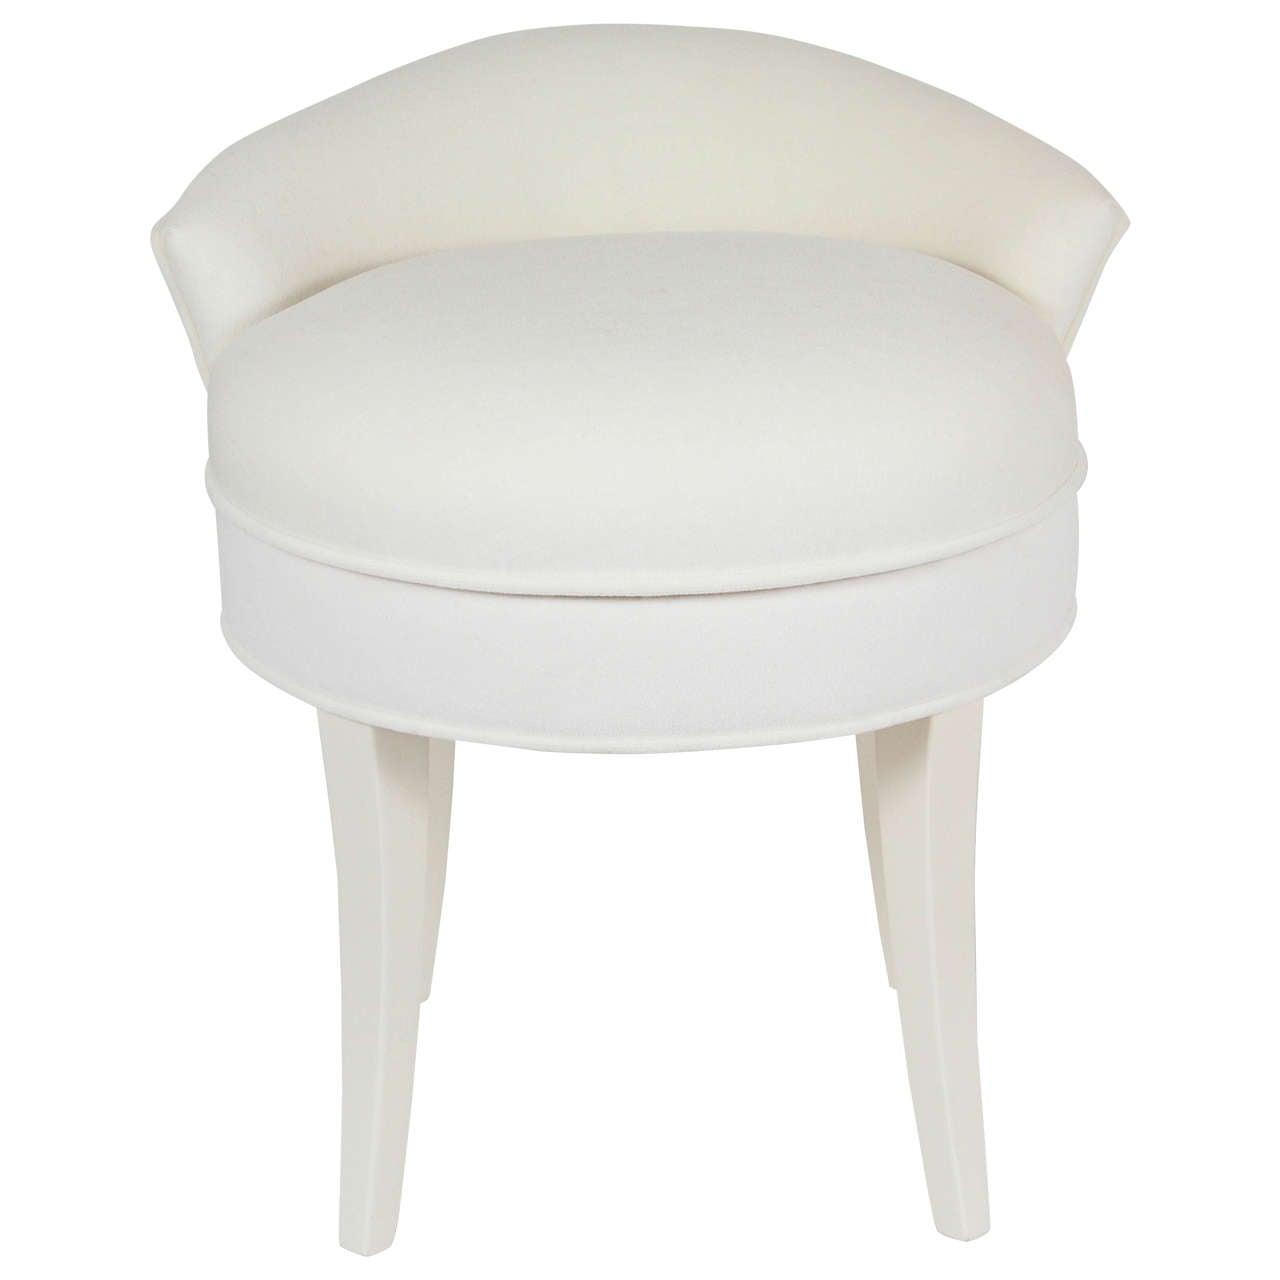 samuel marx upholstered vanity stool . samuel marx upholstered vanity stool at stdibs